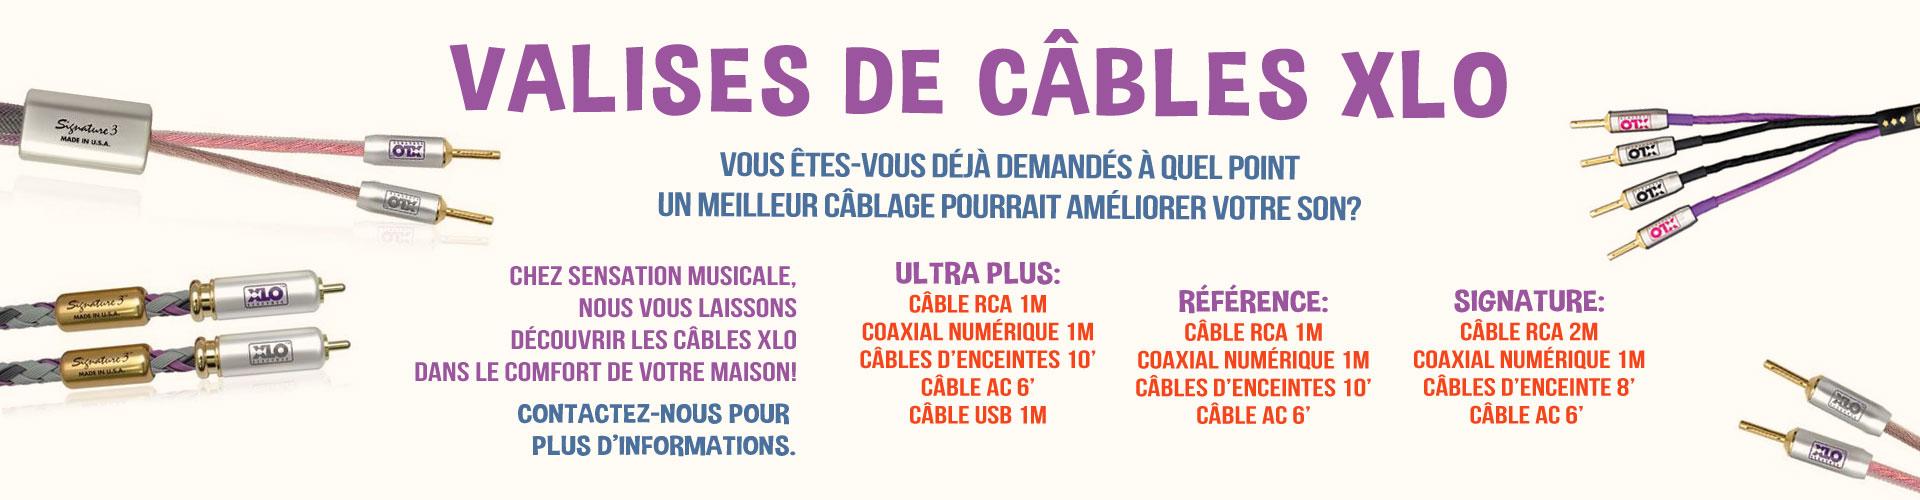 Câbles XLO prêt écoute à la maison Ultra Plus Référence Signature XLO CABLES SENSATION MUSICALE